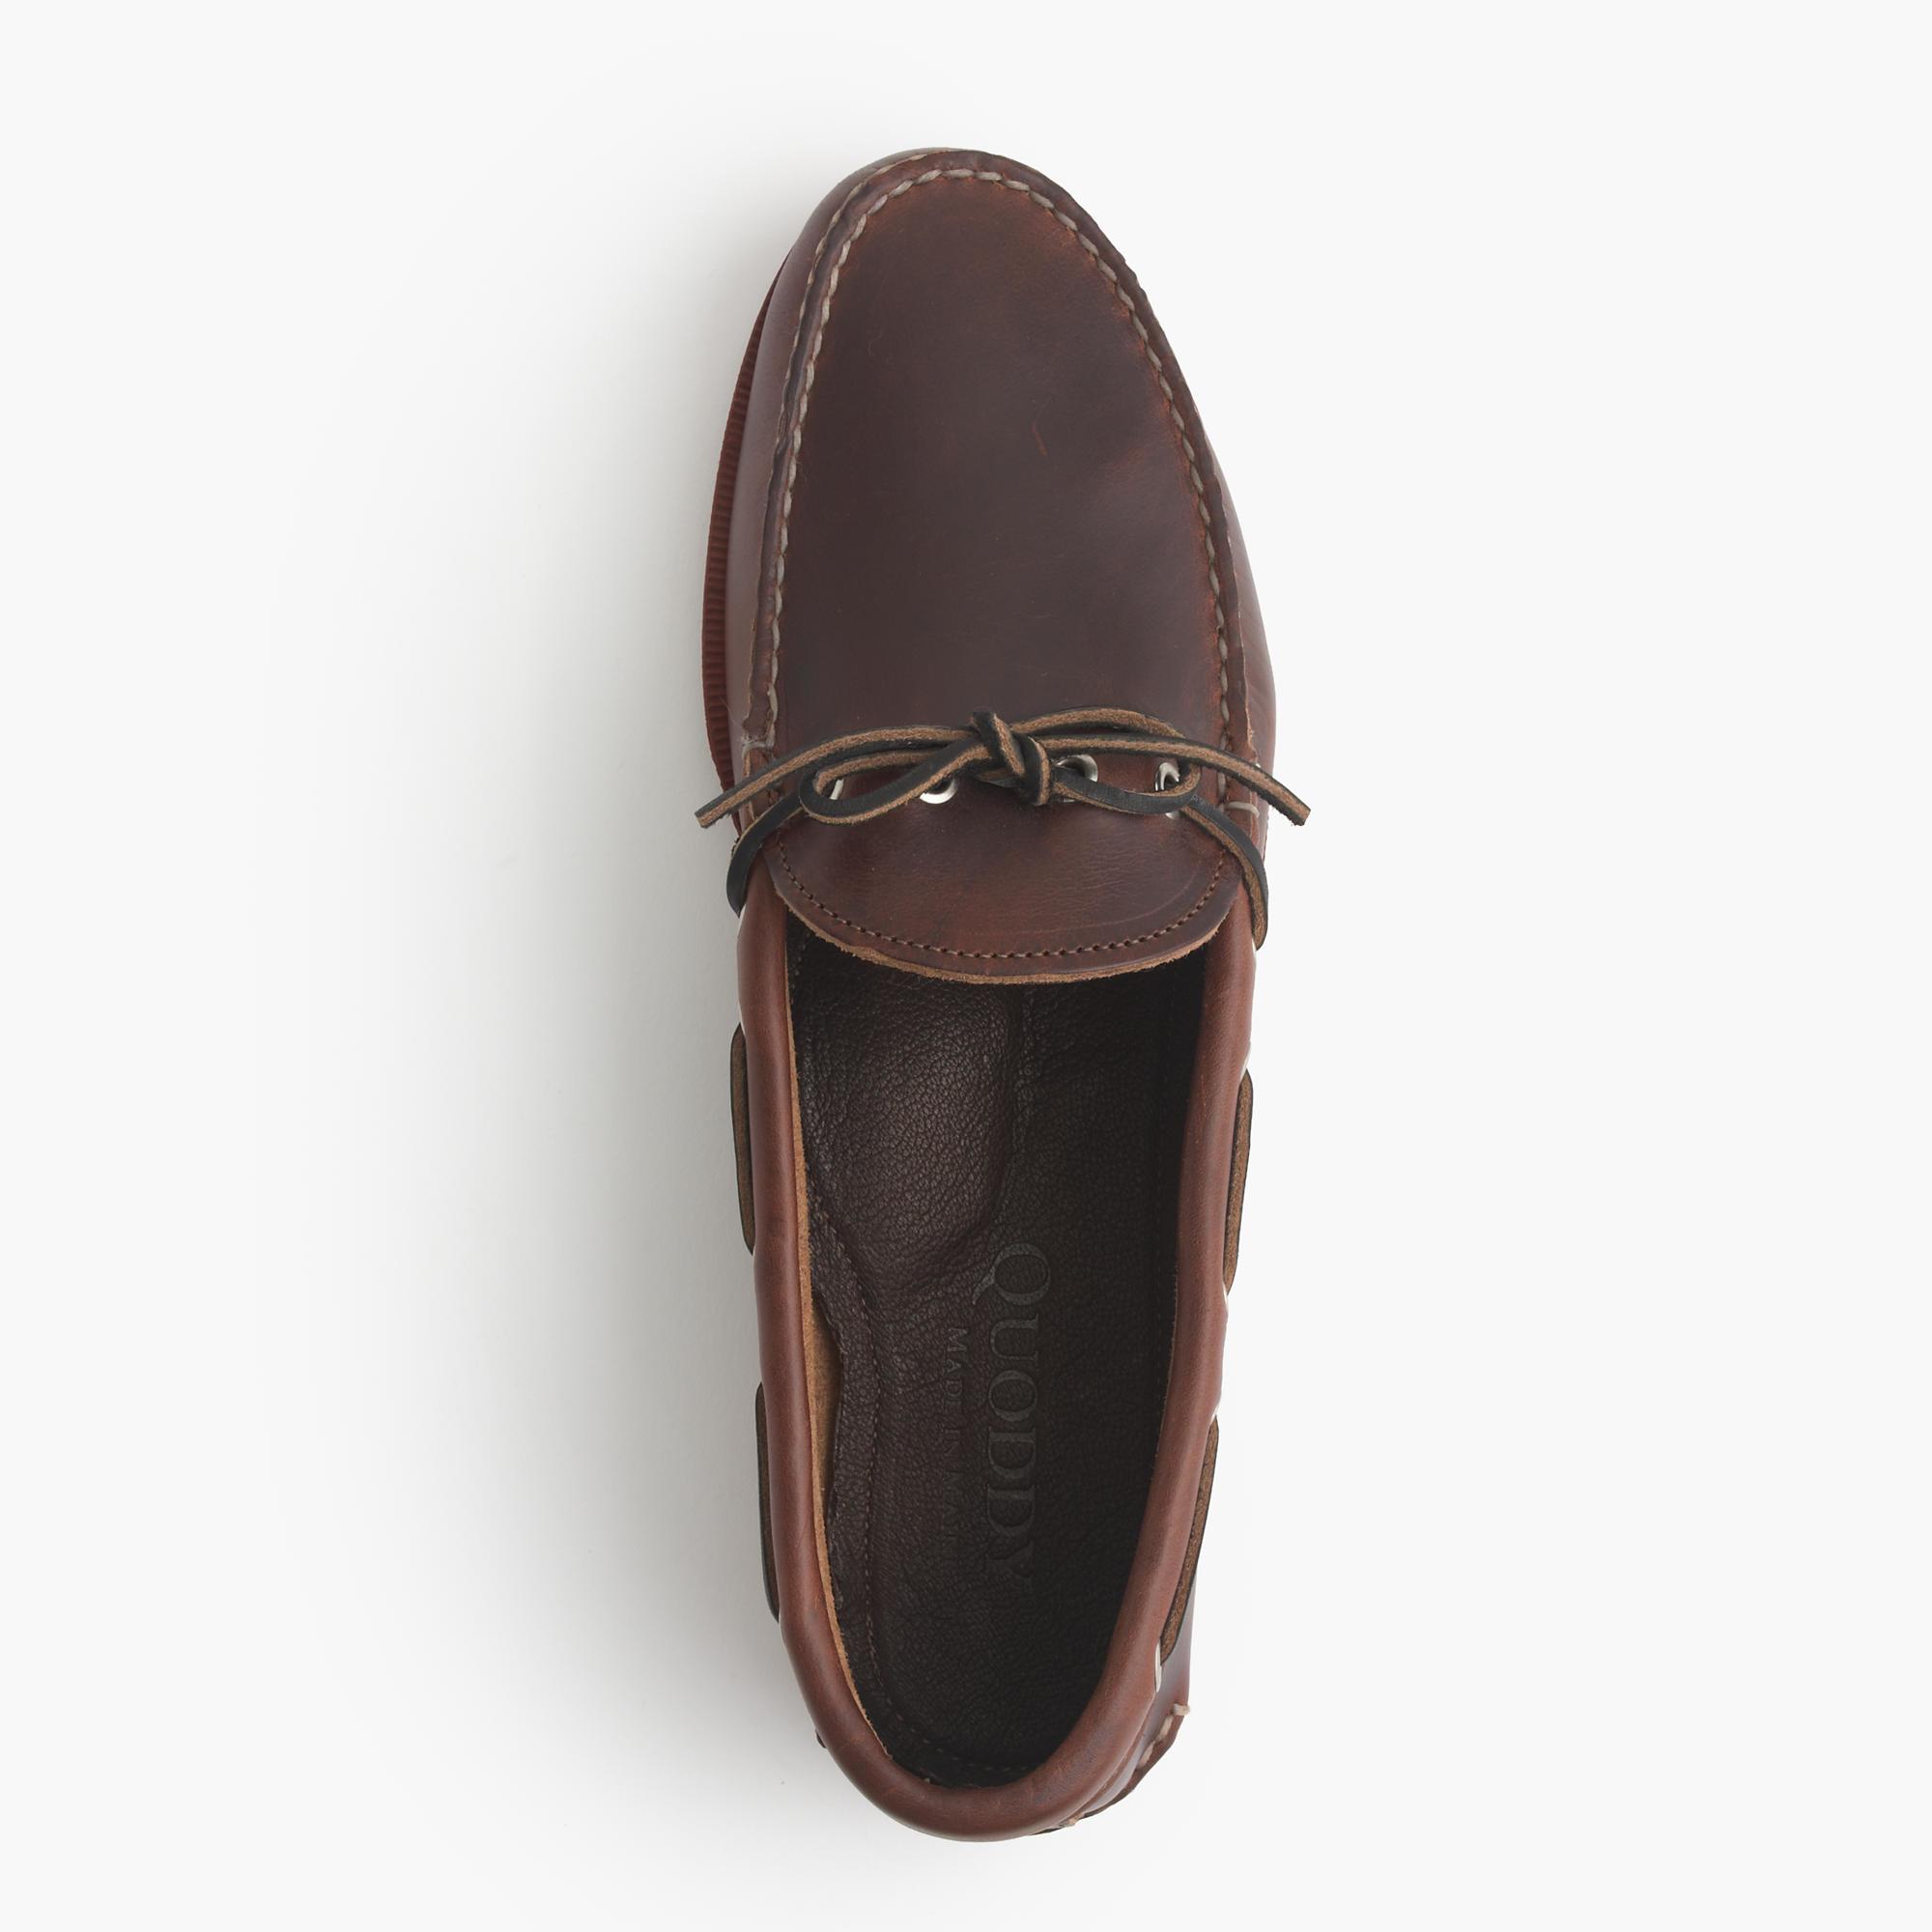 Dansko Shoes Perth